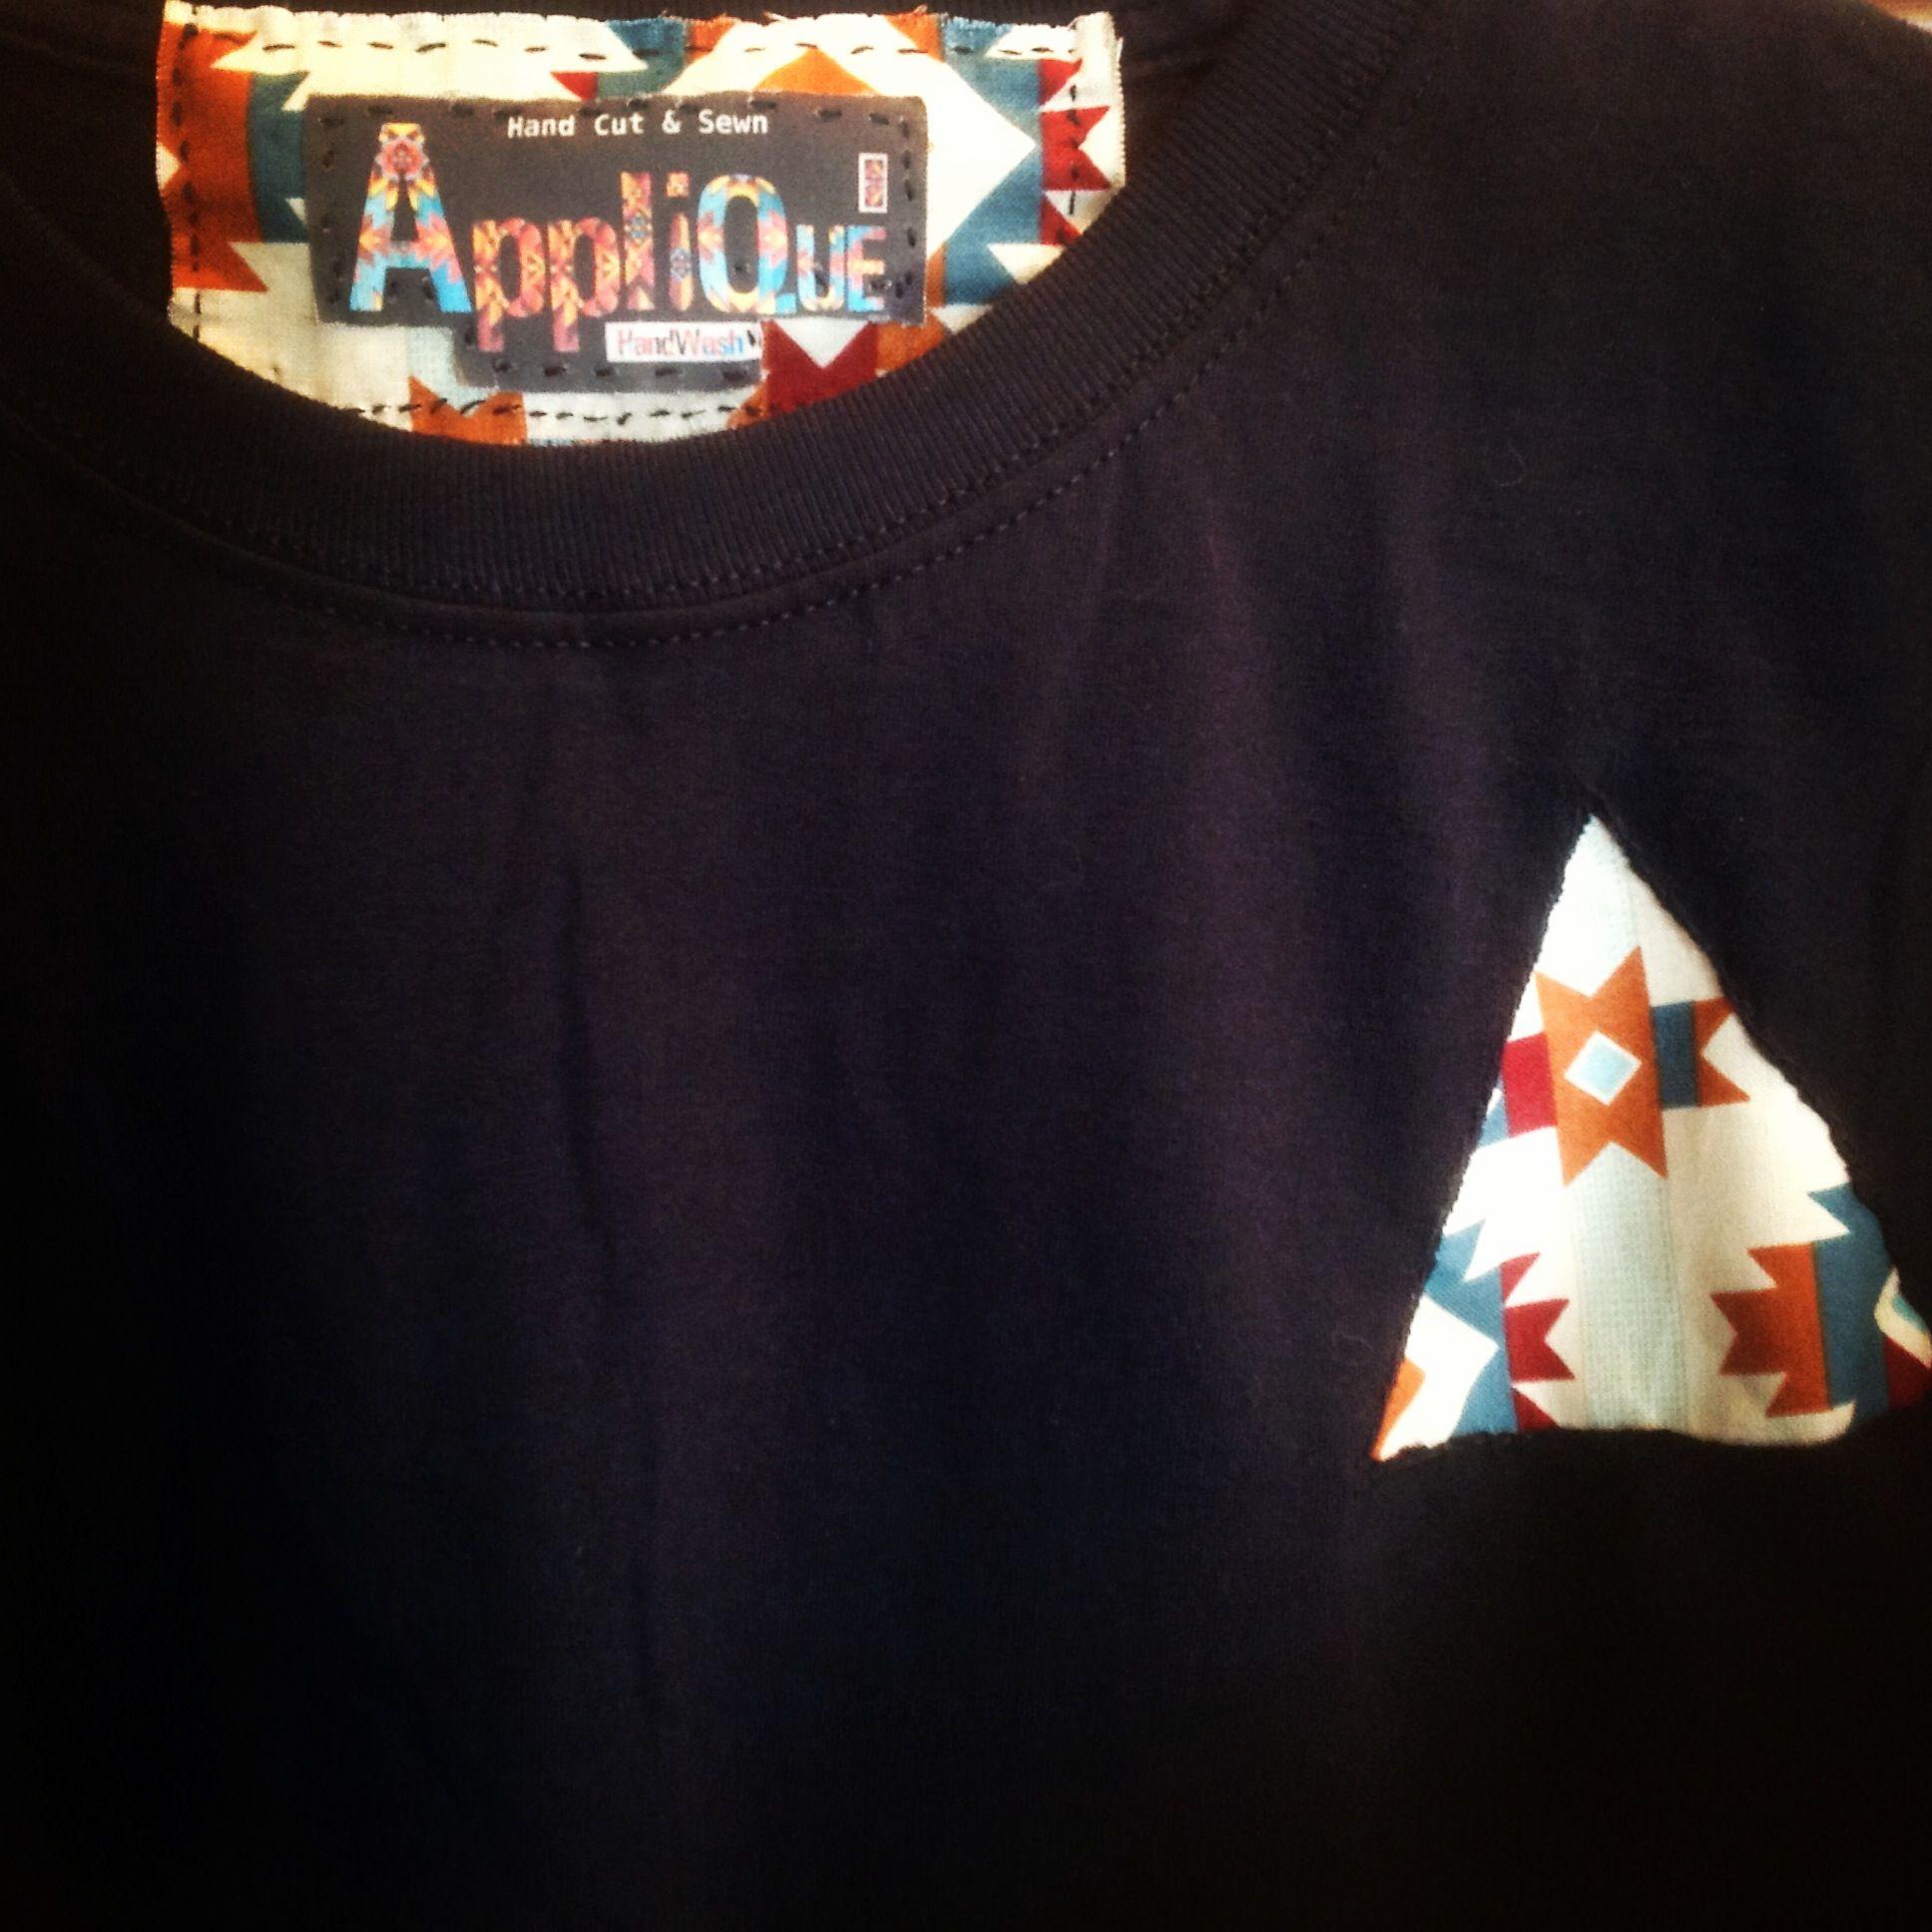 Appliqué Clothing: Hand Cut & Sewn Black T-shirt - Southwest, Aztec, Fabric - Hand Crafted In Malibu CA (Sz:XL)